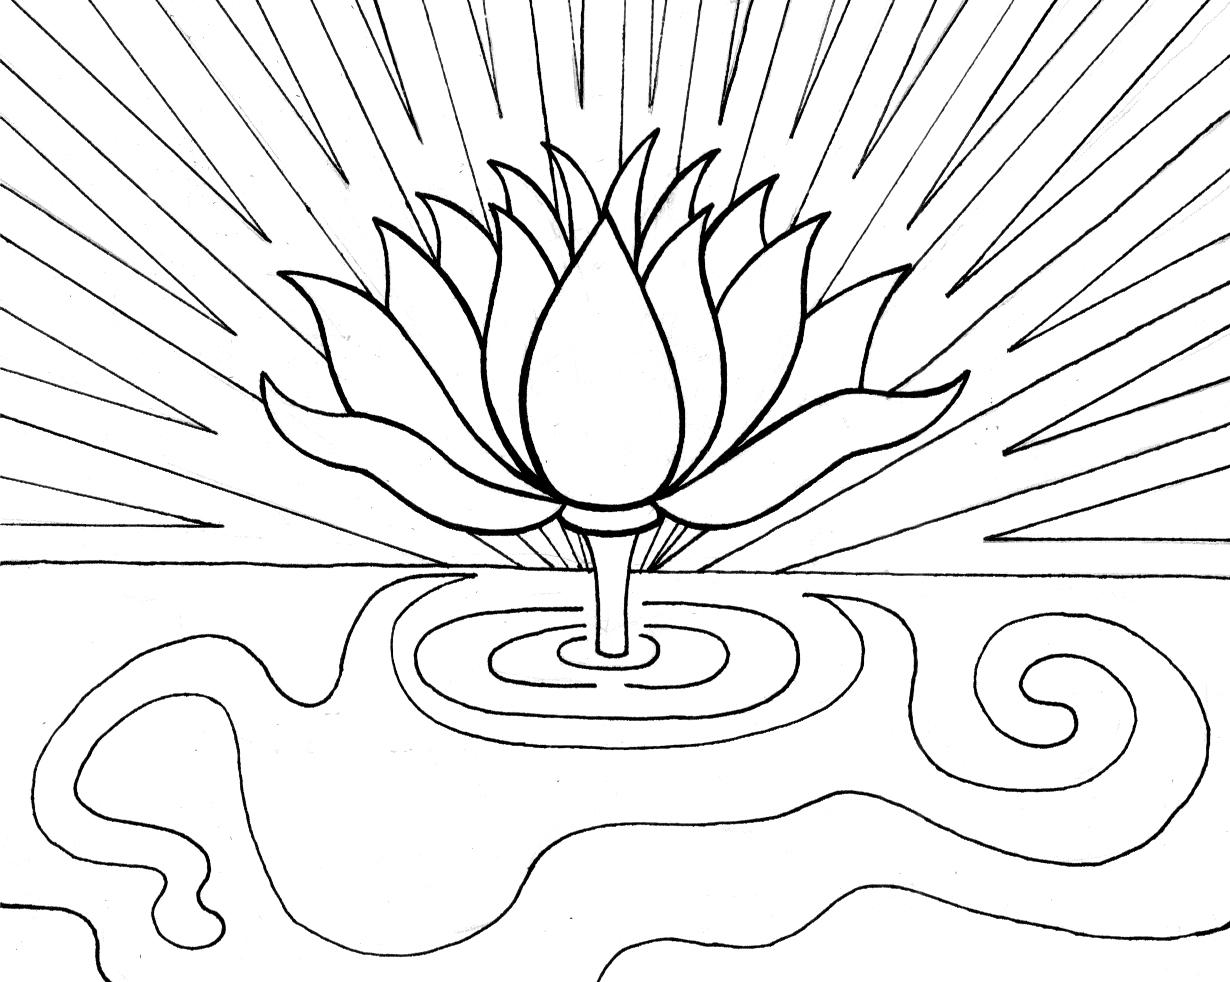 lotus coloring pages Free Printable Lotus Coloring Pages For Kids lotus coloring pages